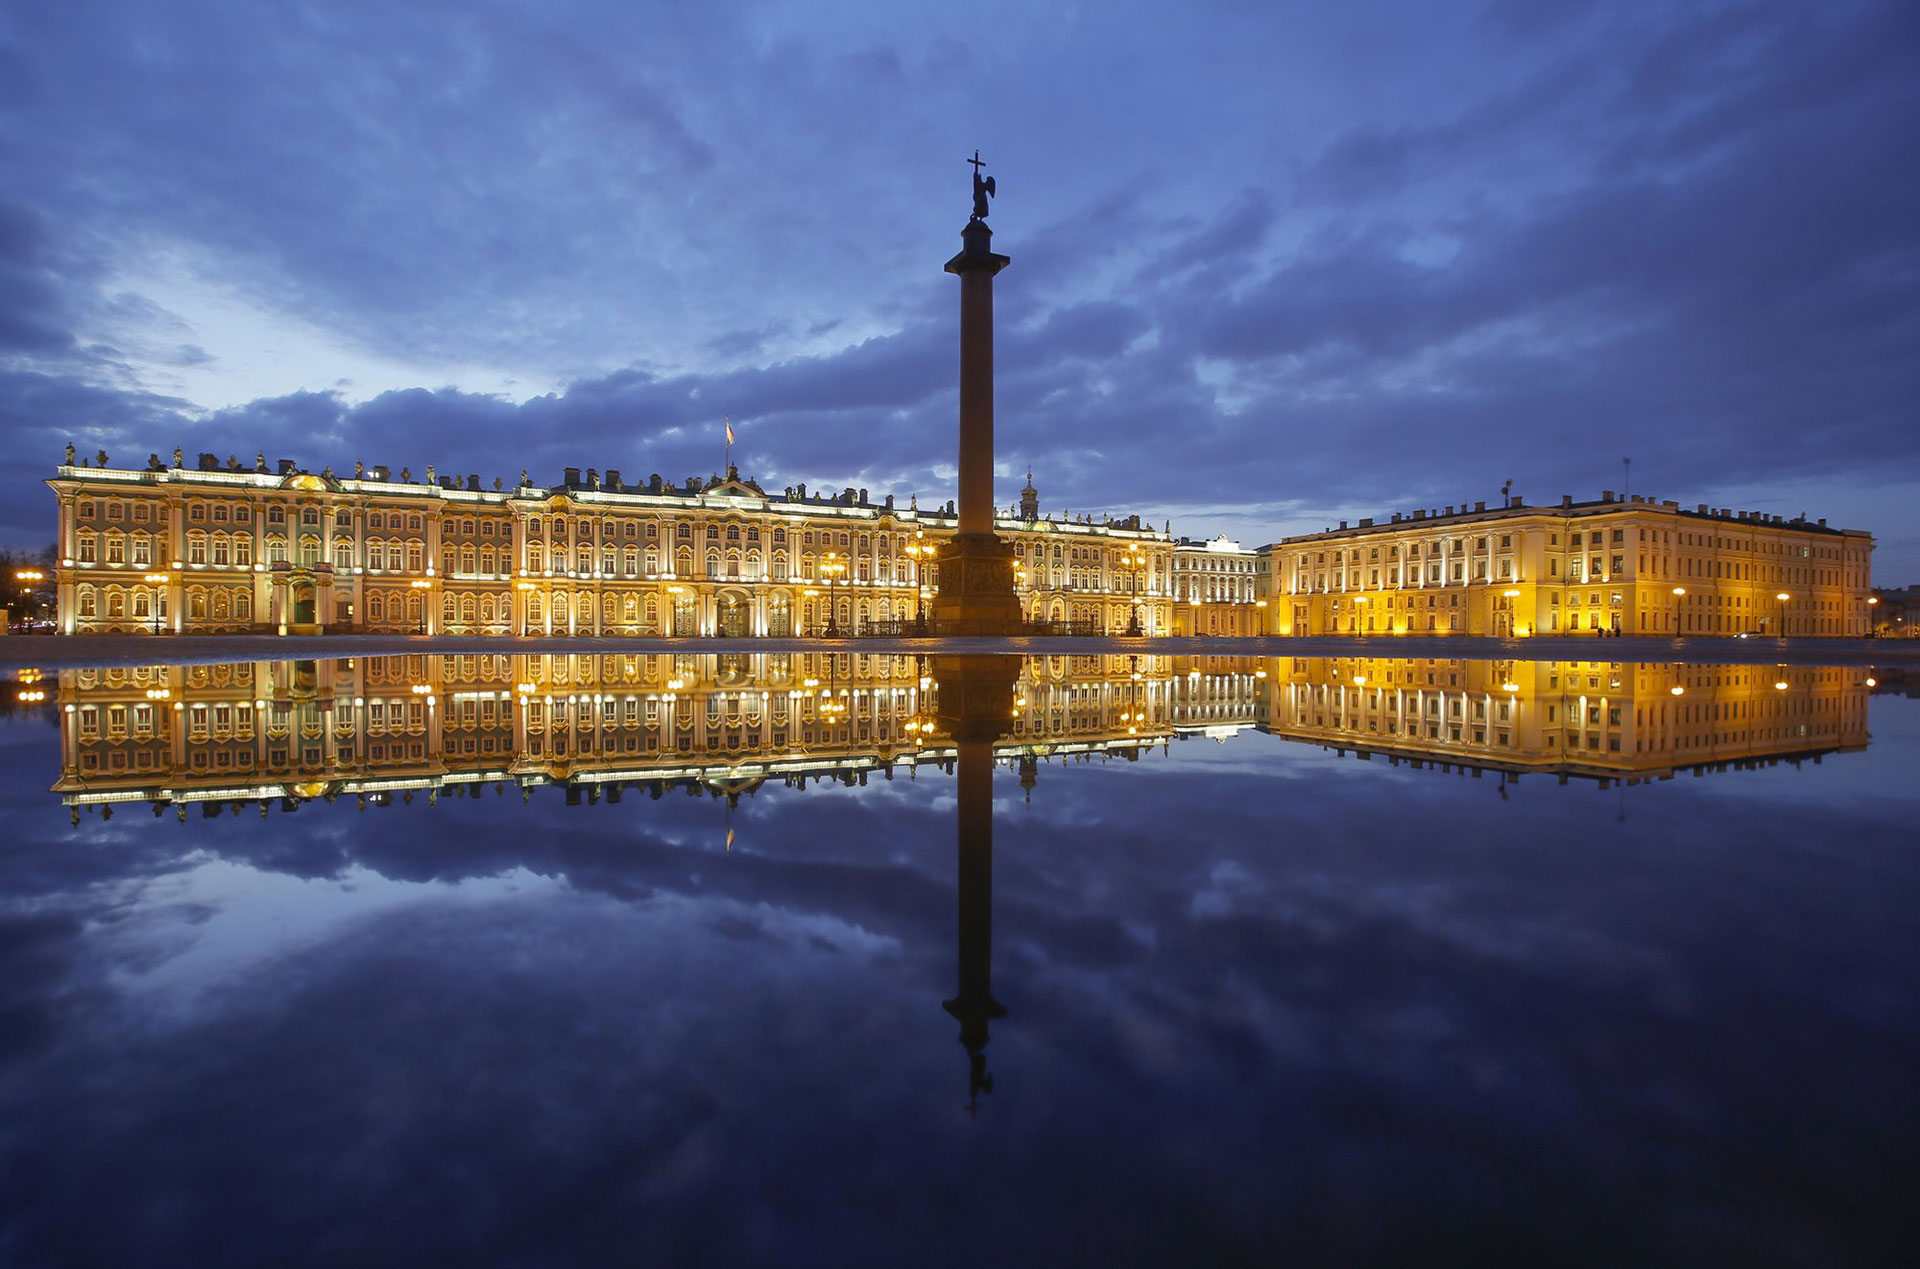 El Palacio de Invierno y la Columna de Alejandro se reflejan en un charco después de la lluvia en la Plaza del Palacio en San Petersburgo, Rusia, el lunes 27 de abril de 2020. (Foto AP / Dmitri Lovetsky)